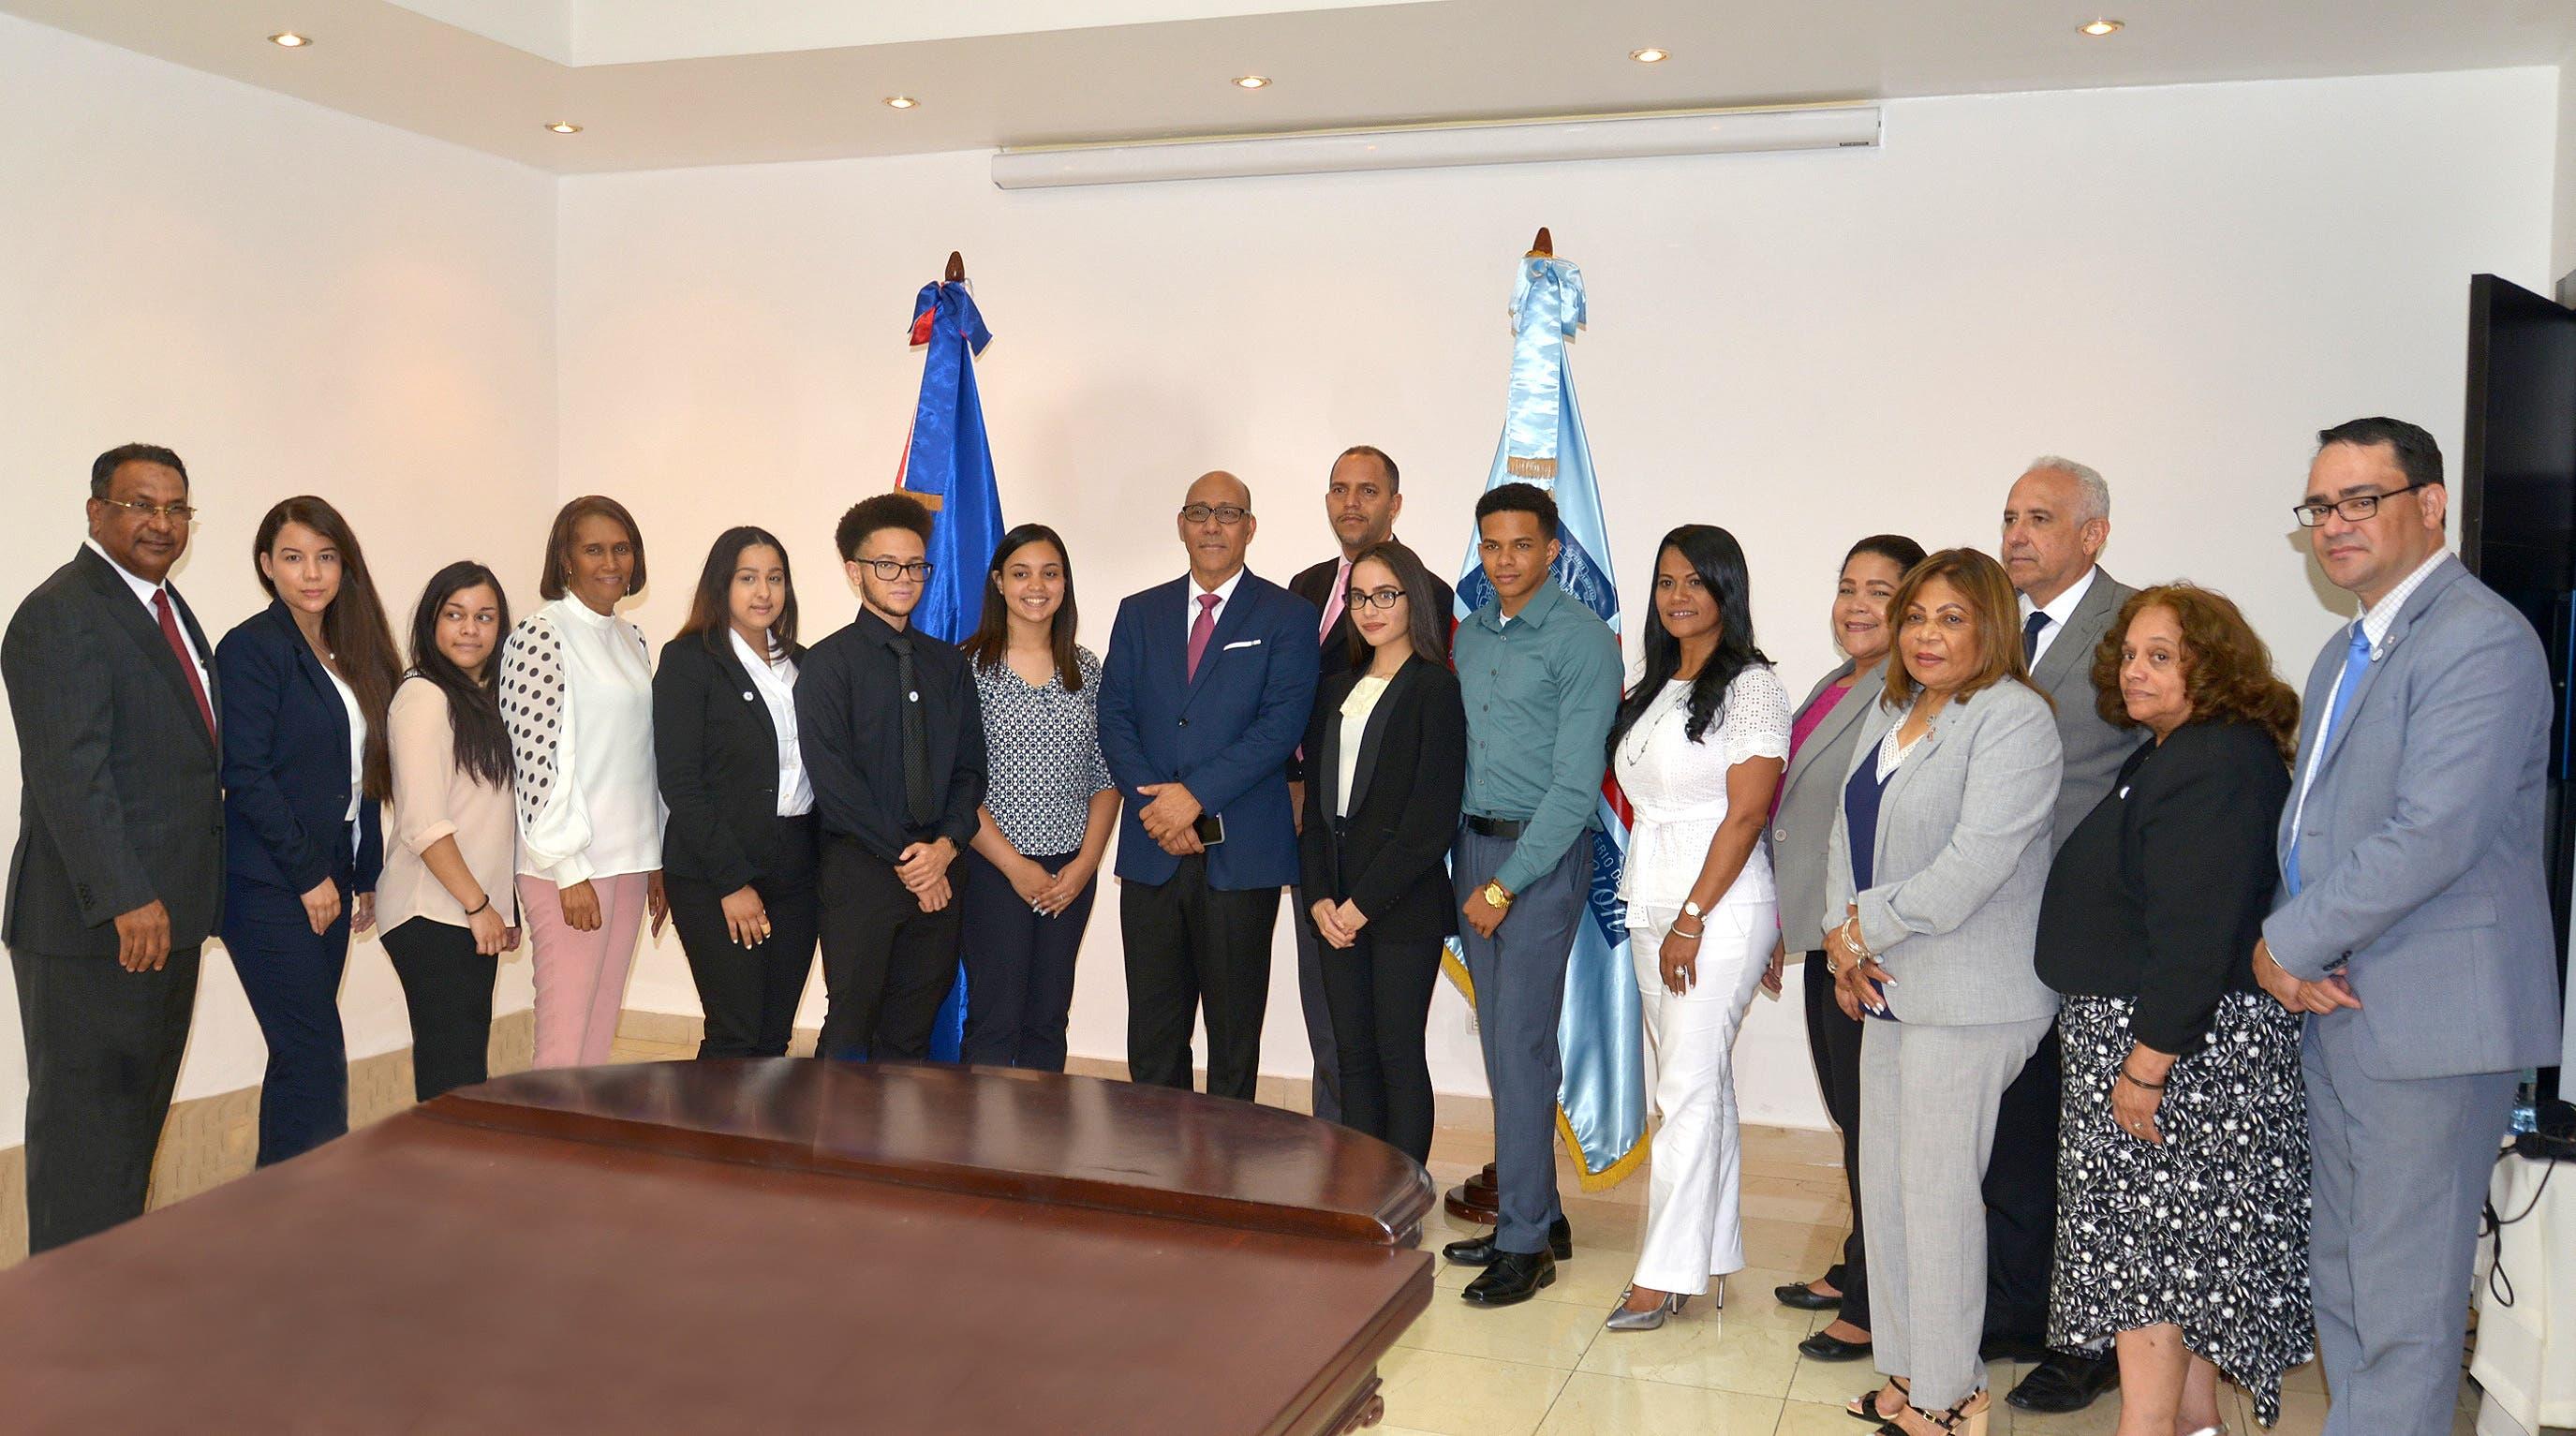 Minerd agasaja estudiantes dominicanos meritorios de la diáspora residente en la ciudad de Nueva York